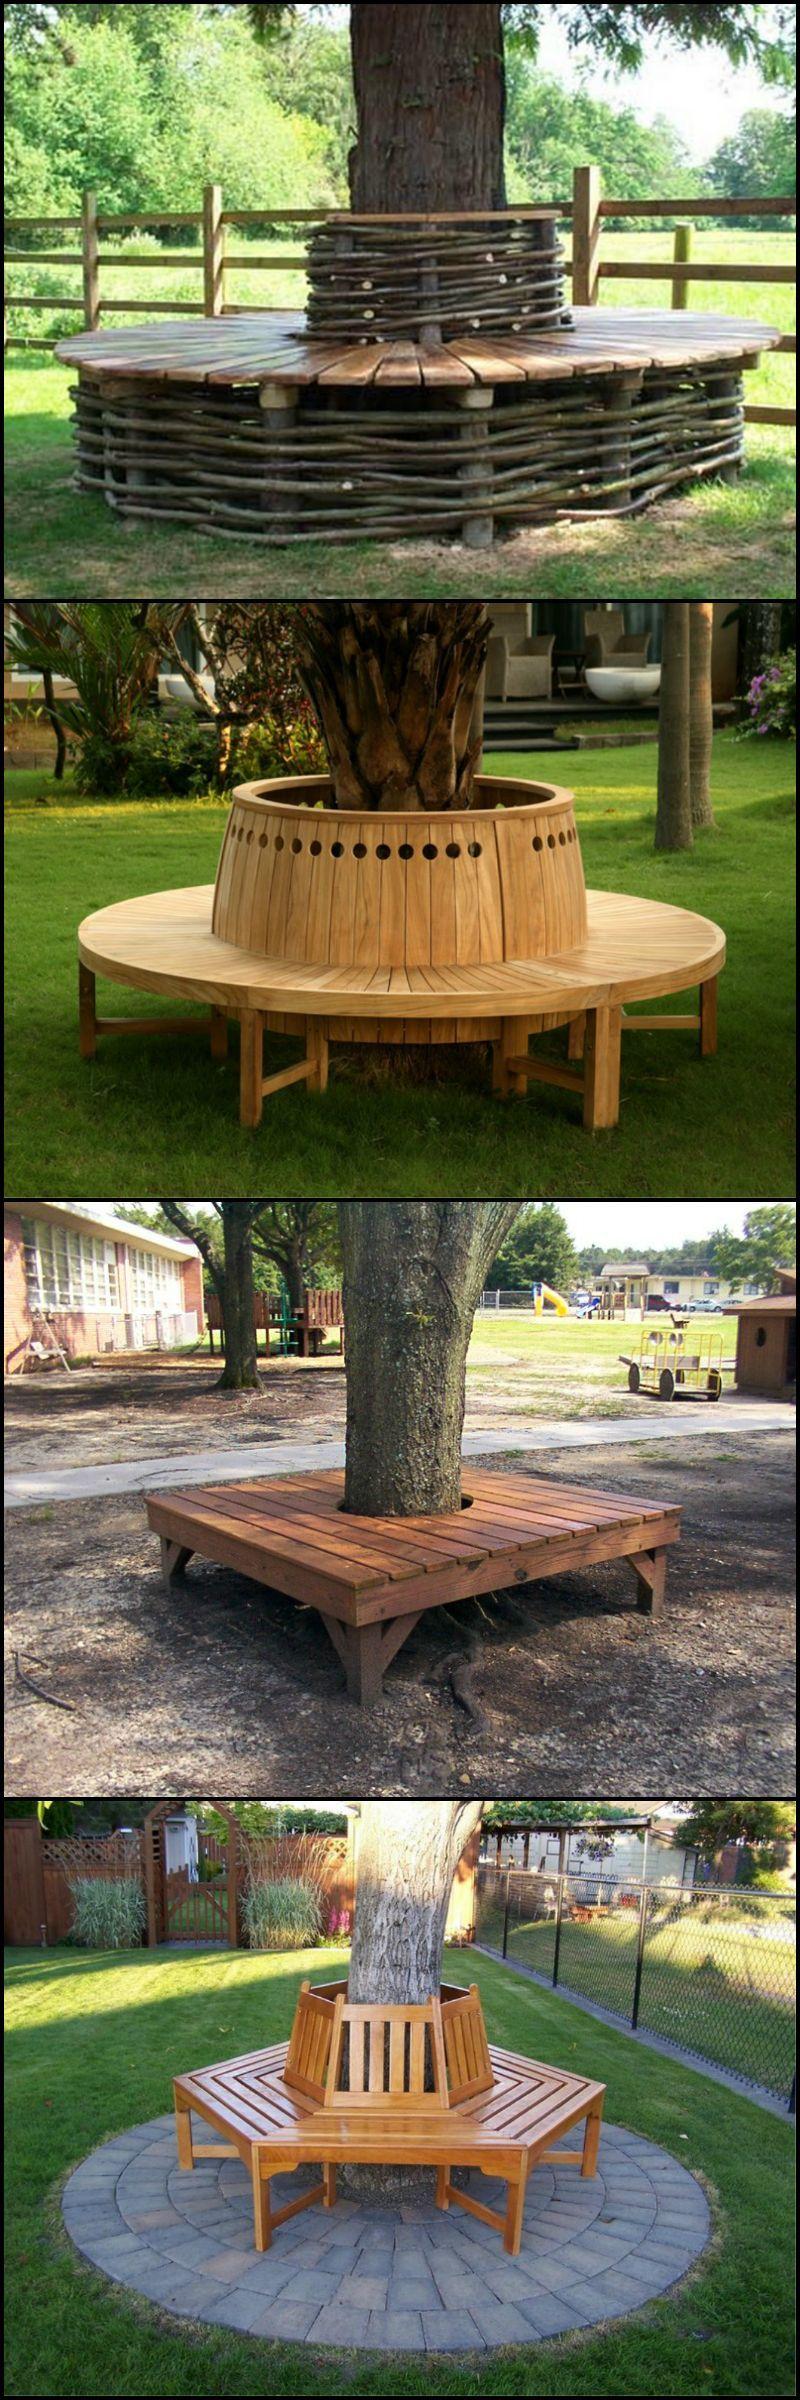 Pin De Owner-builder Network Em Outdoor Furniture